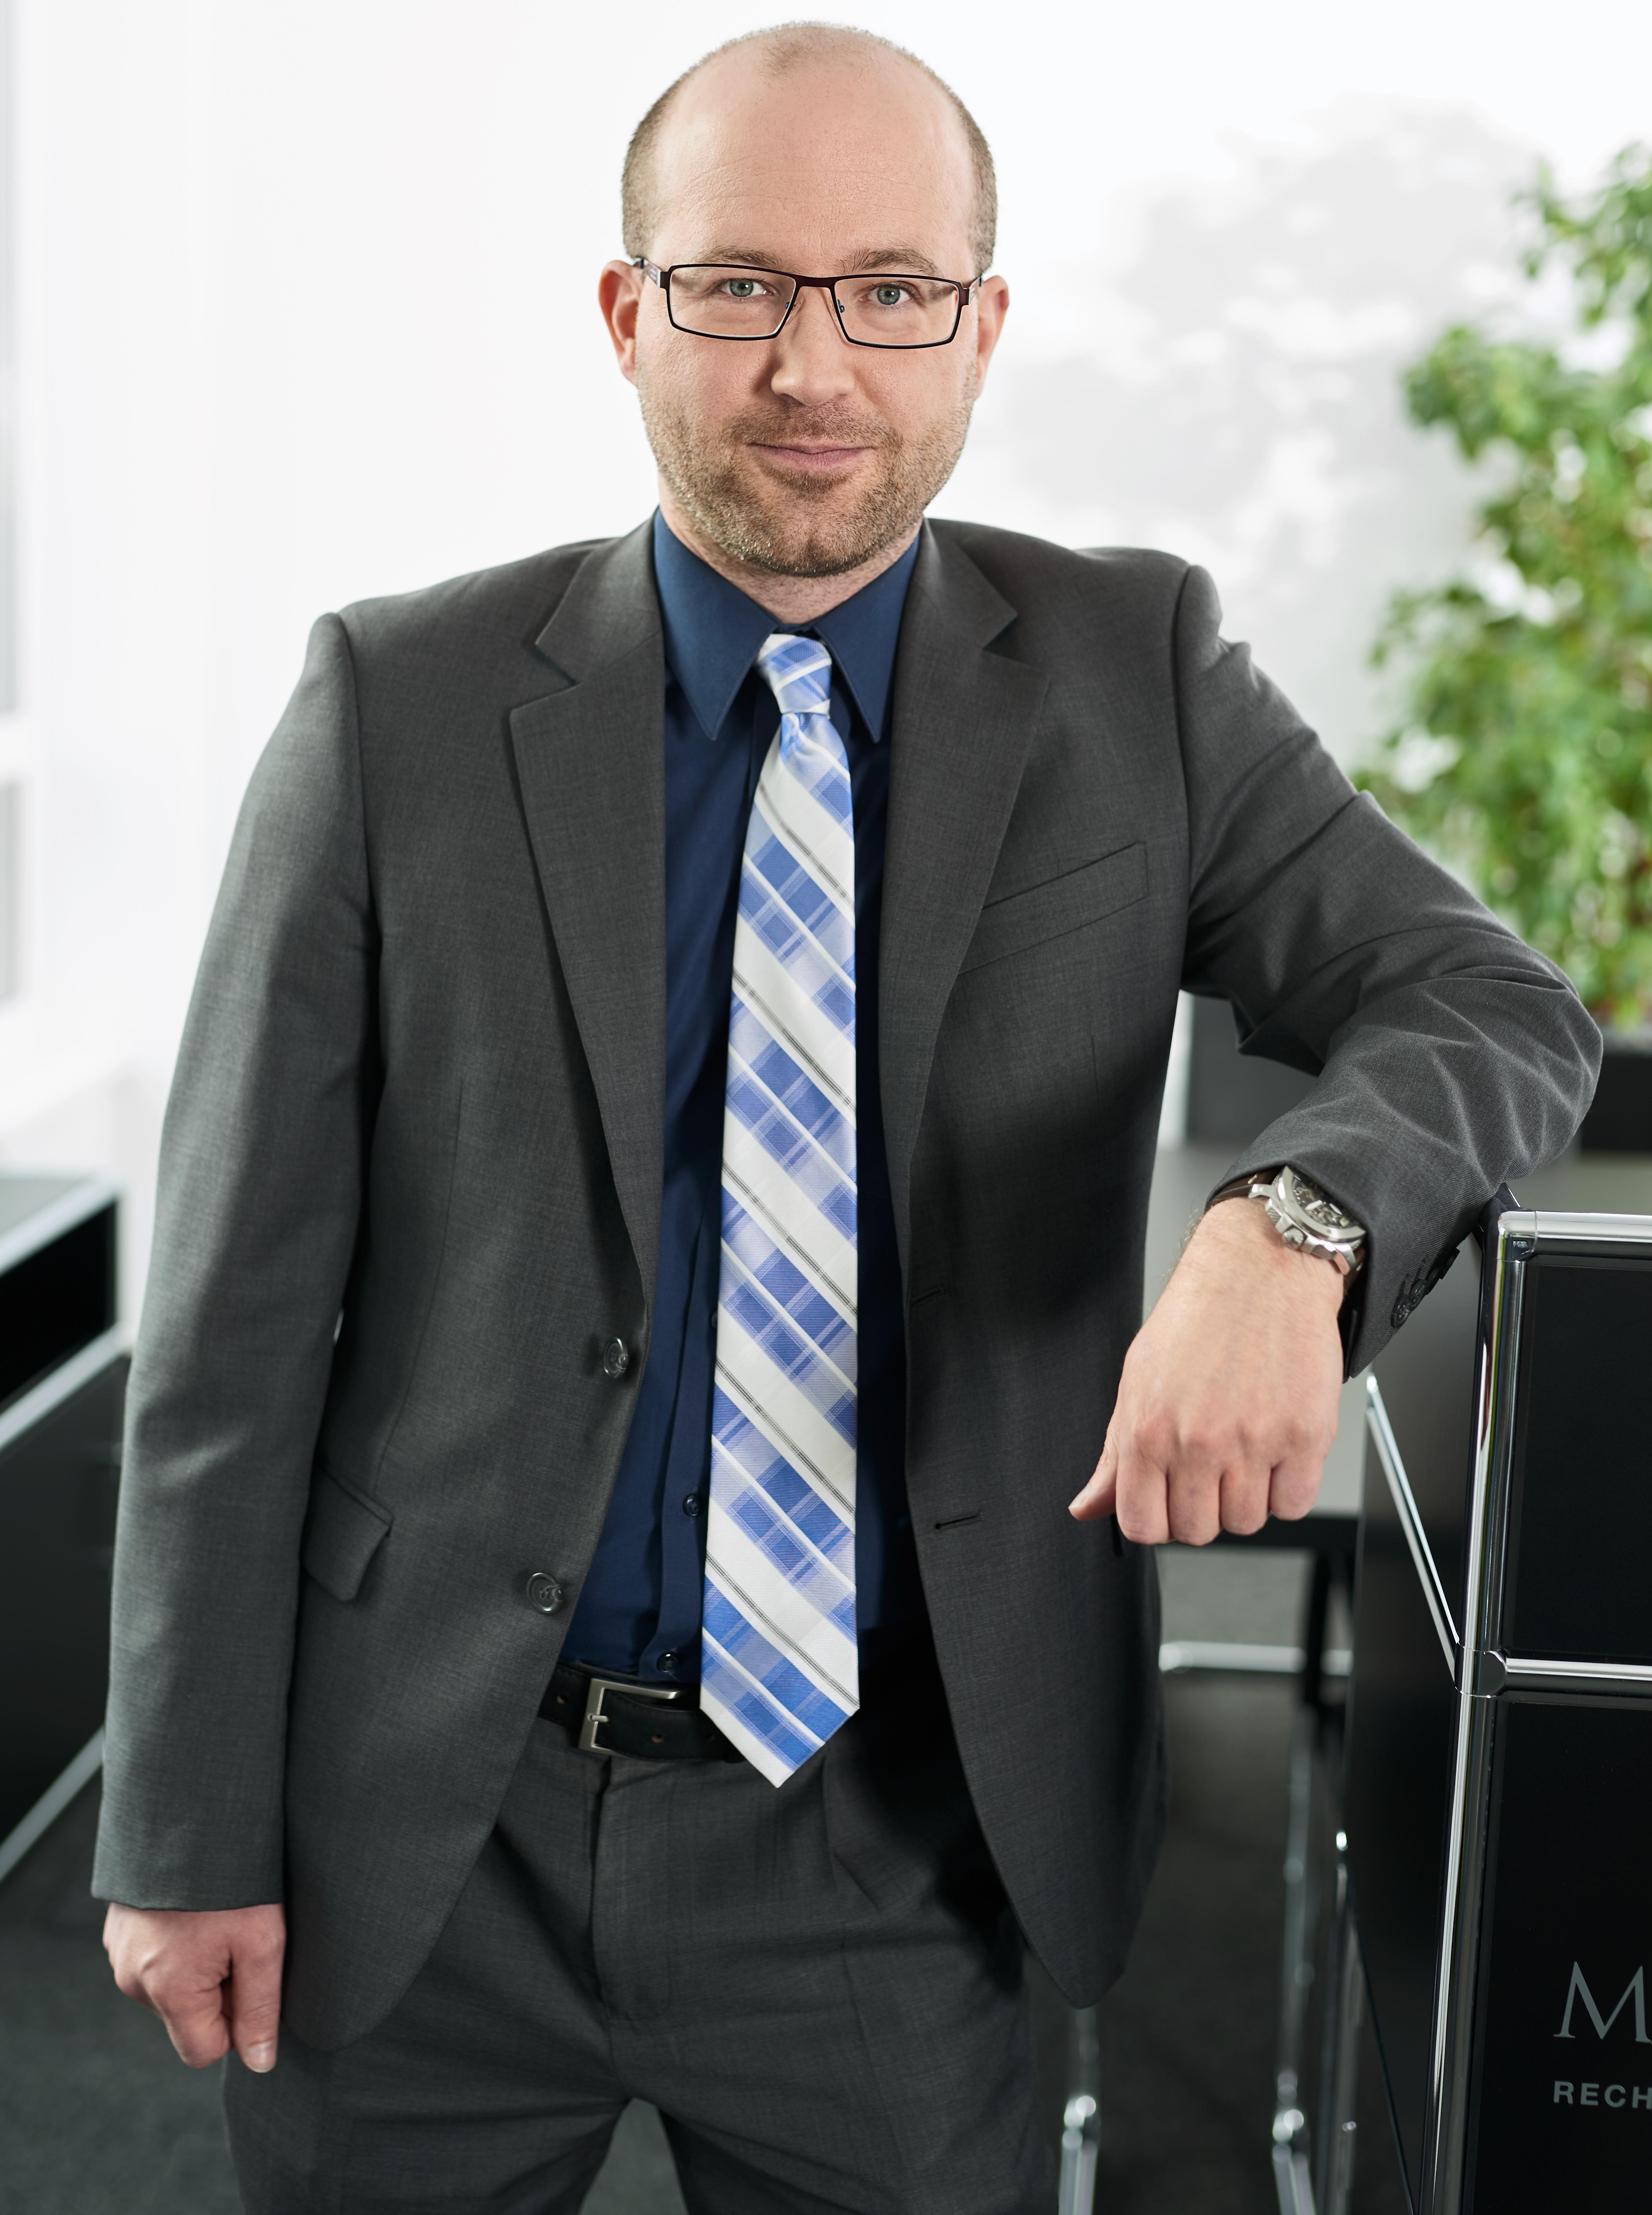 Thomas Haschert_019_opt2 HP